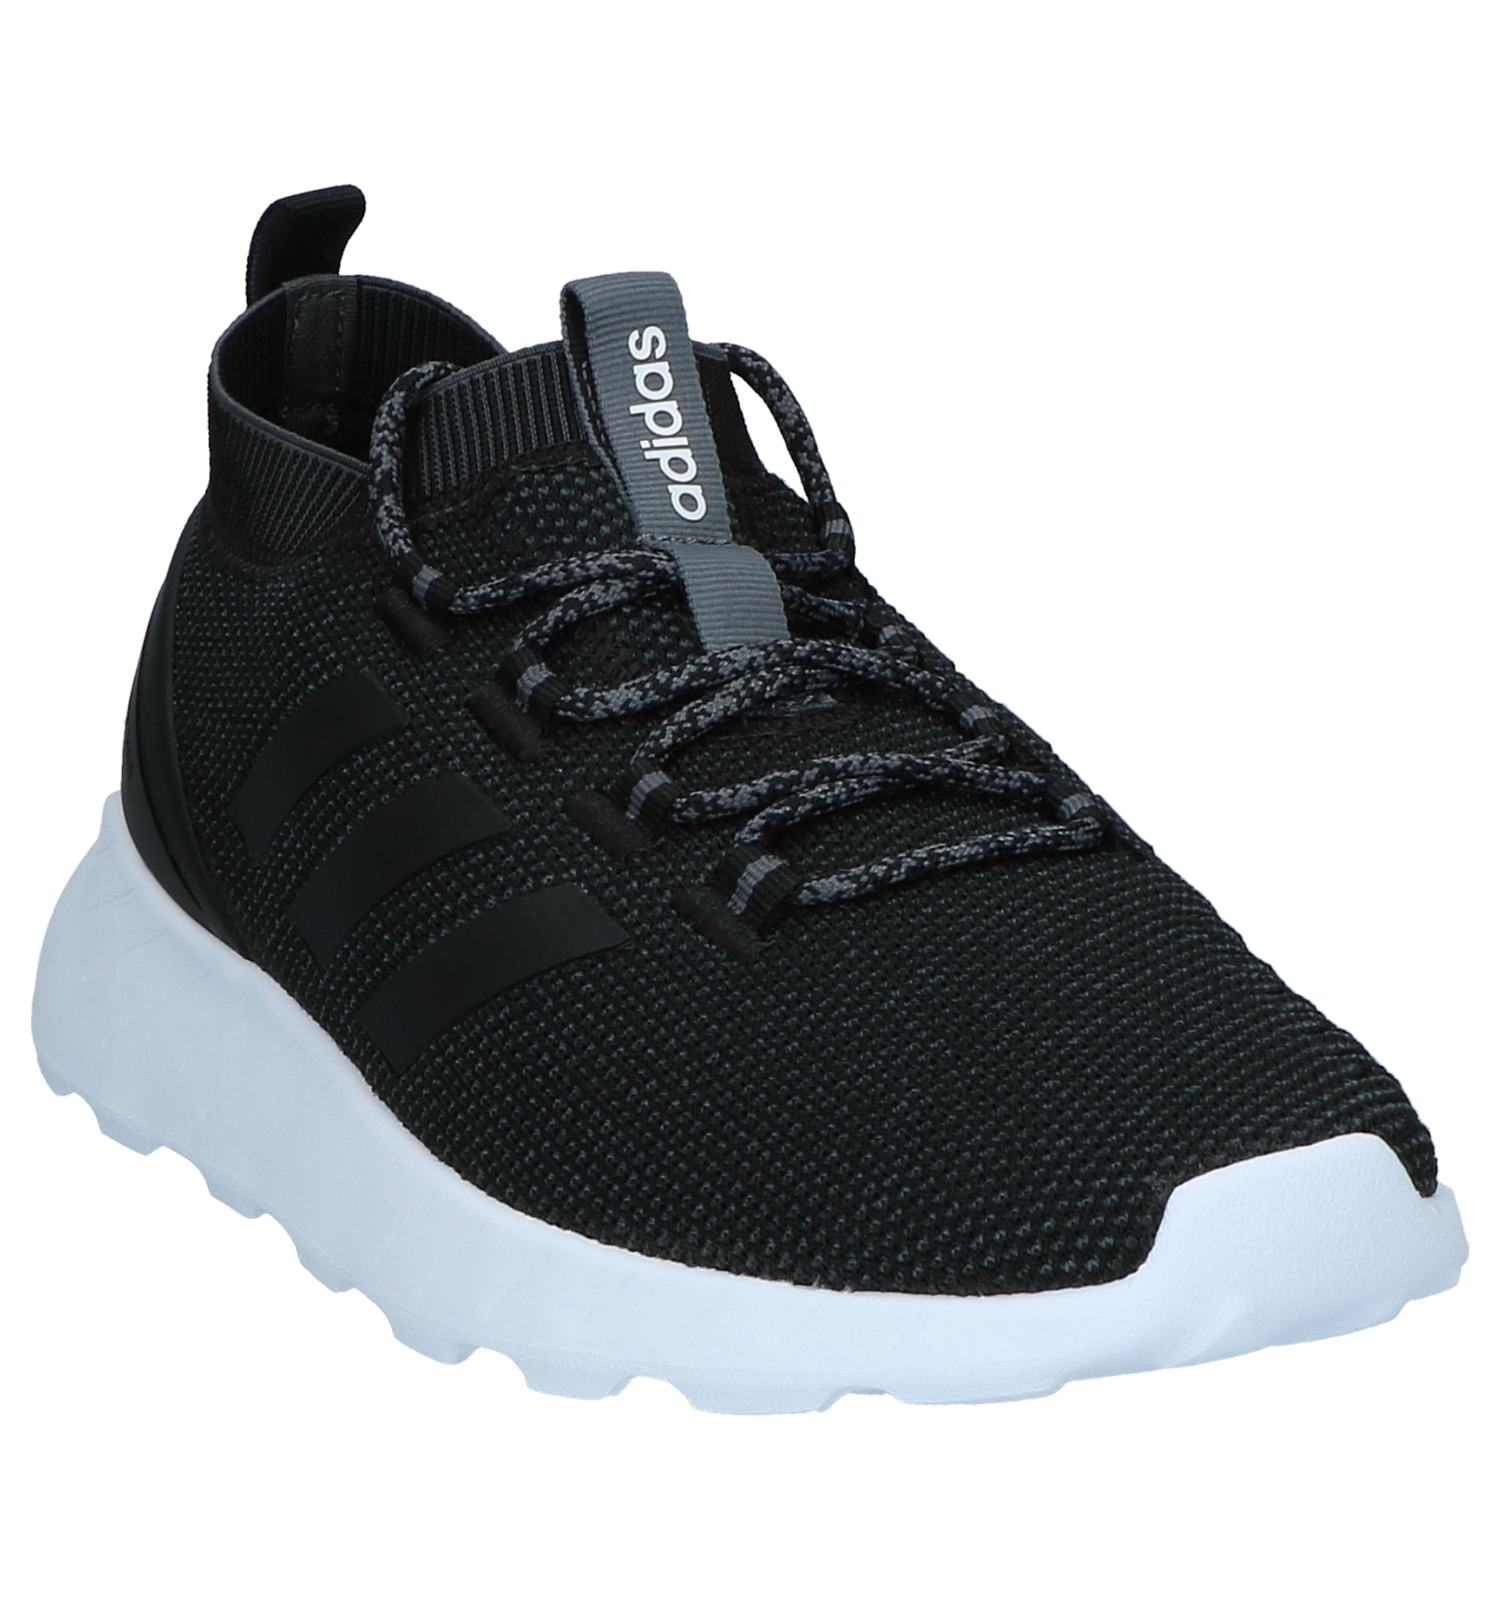 Sneakers Sneakers Adidas Zwarte Adidas Zwarte Lage Questar Zwarte Lage Sneakers Questar Lage HED92WIY